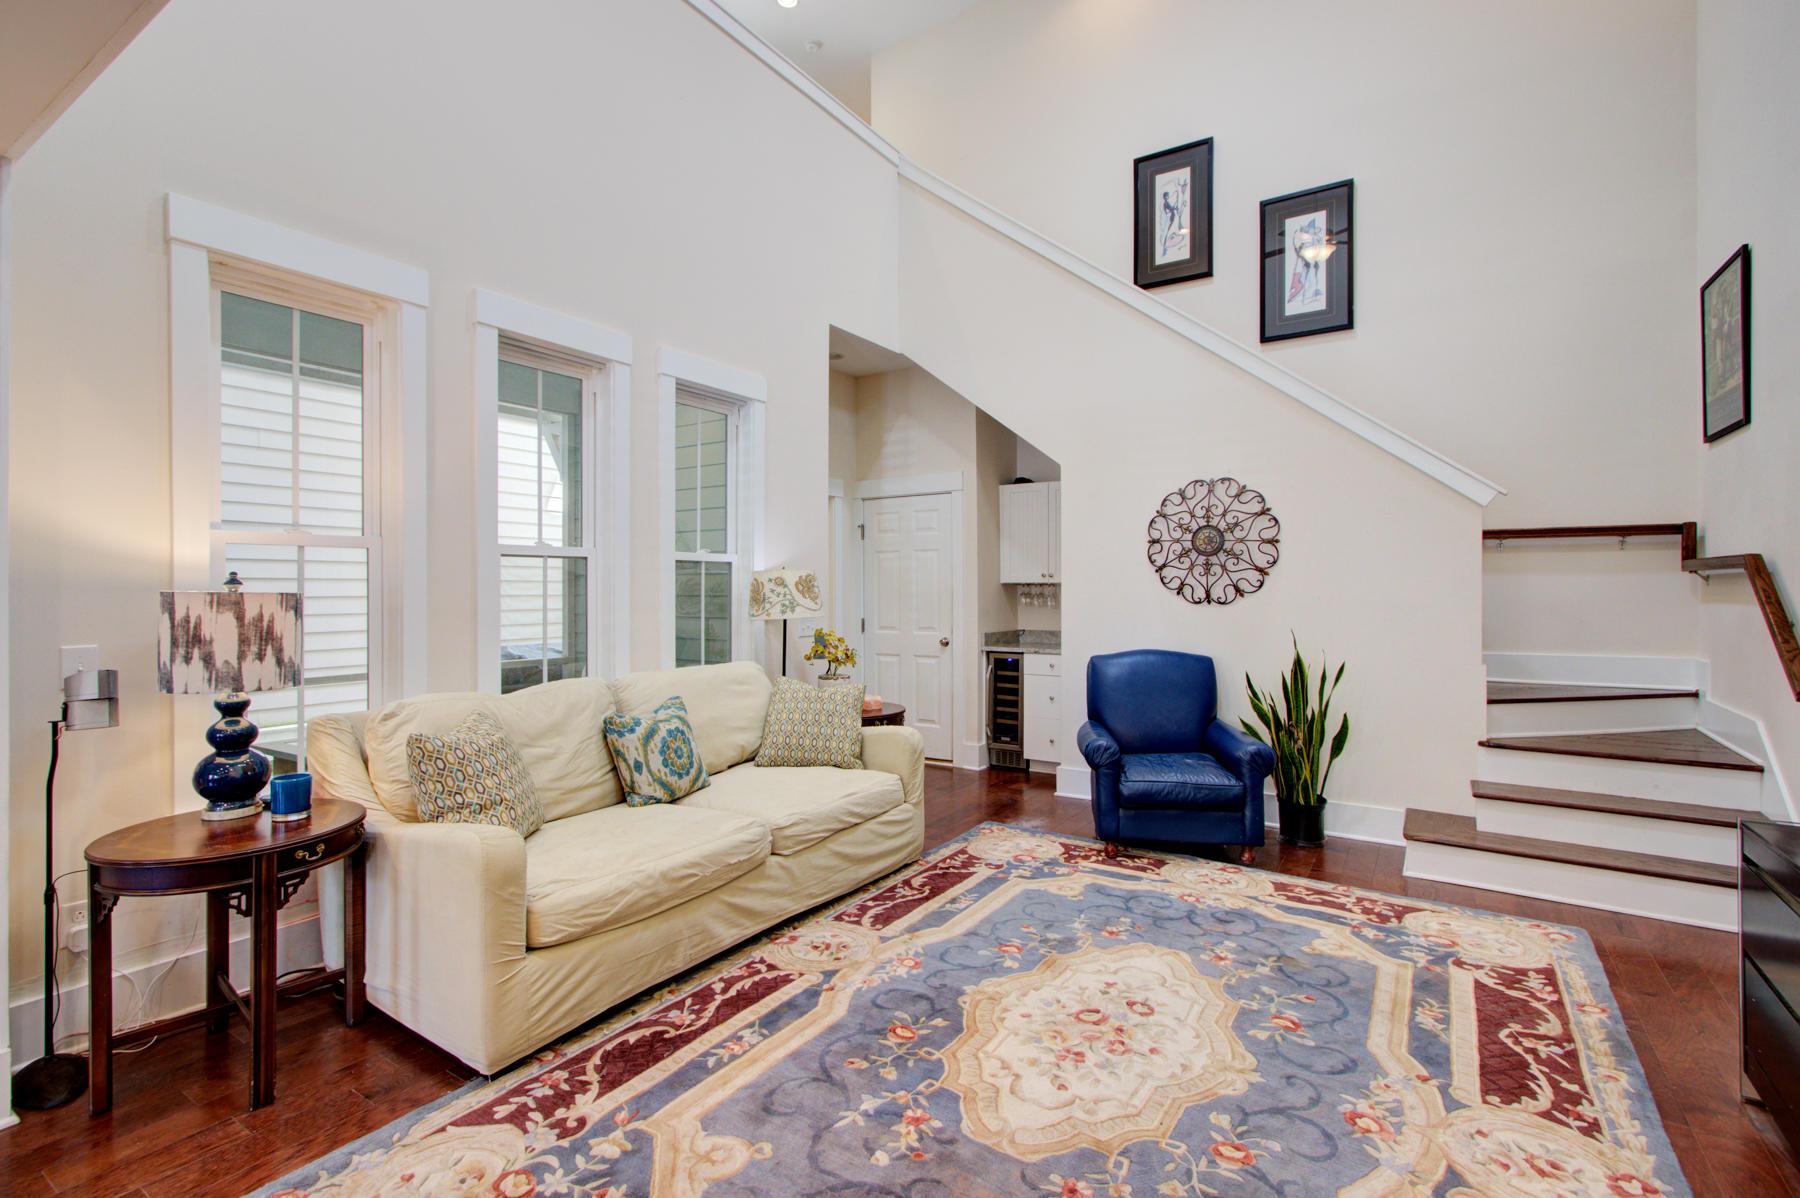 Moultrie Park Homes For Sale - 610 Ellingson, Mount Pleasant, SC - 17